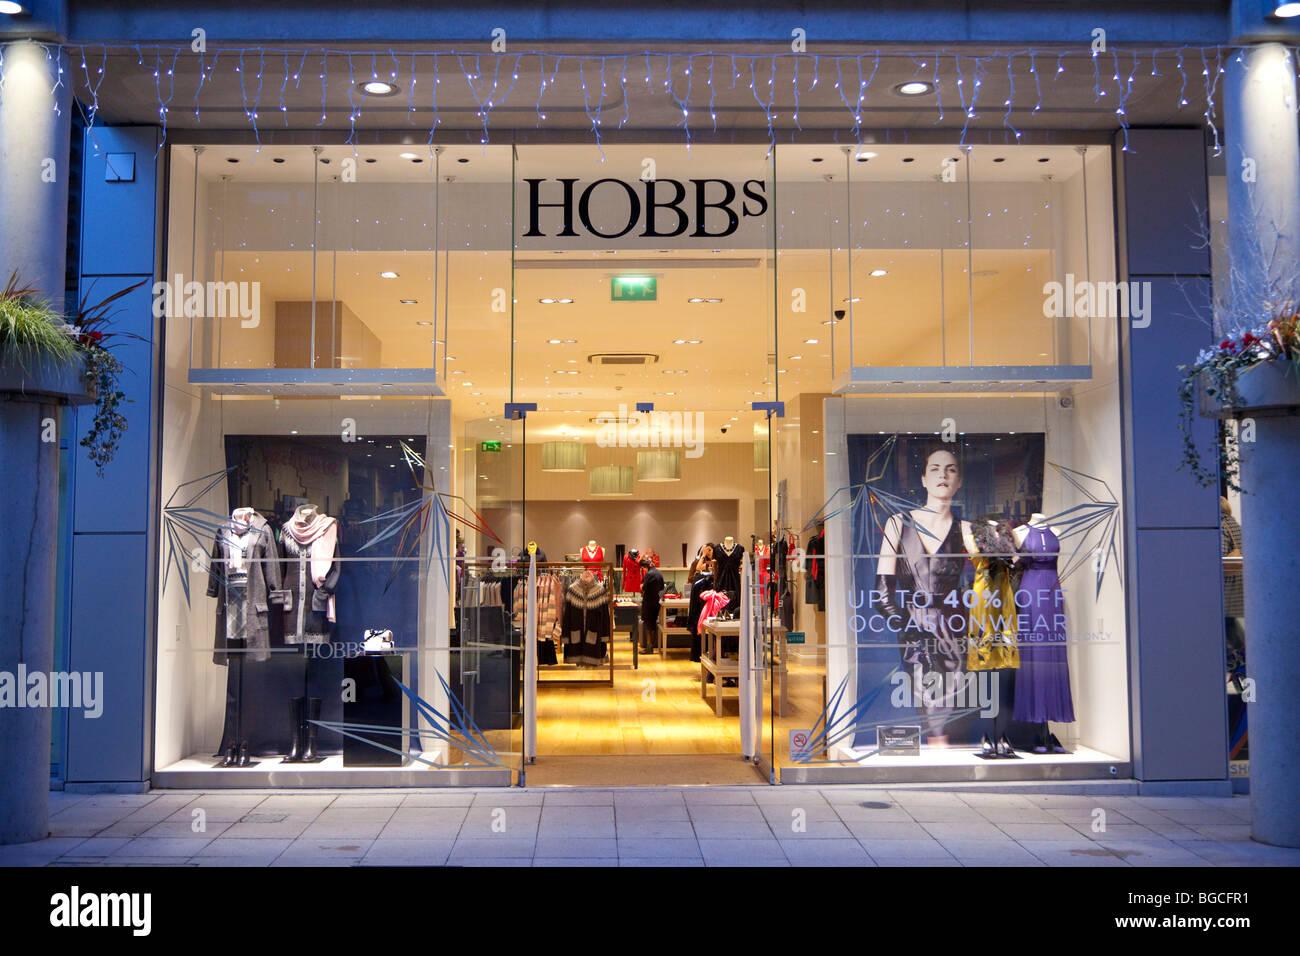 1928f6ce05af Hobbs fashion shop Stock Photo: 27320693 - Alamy